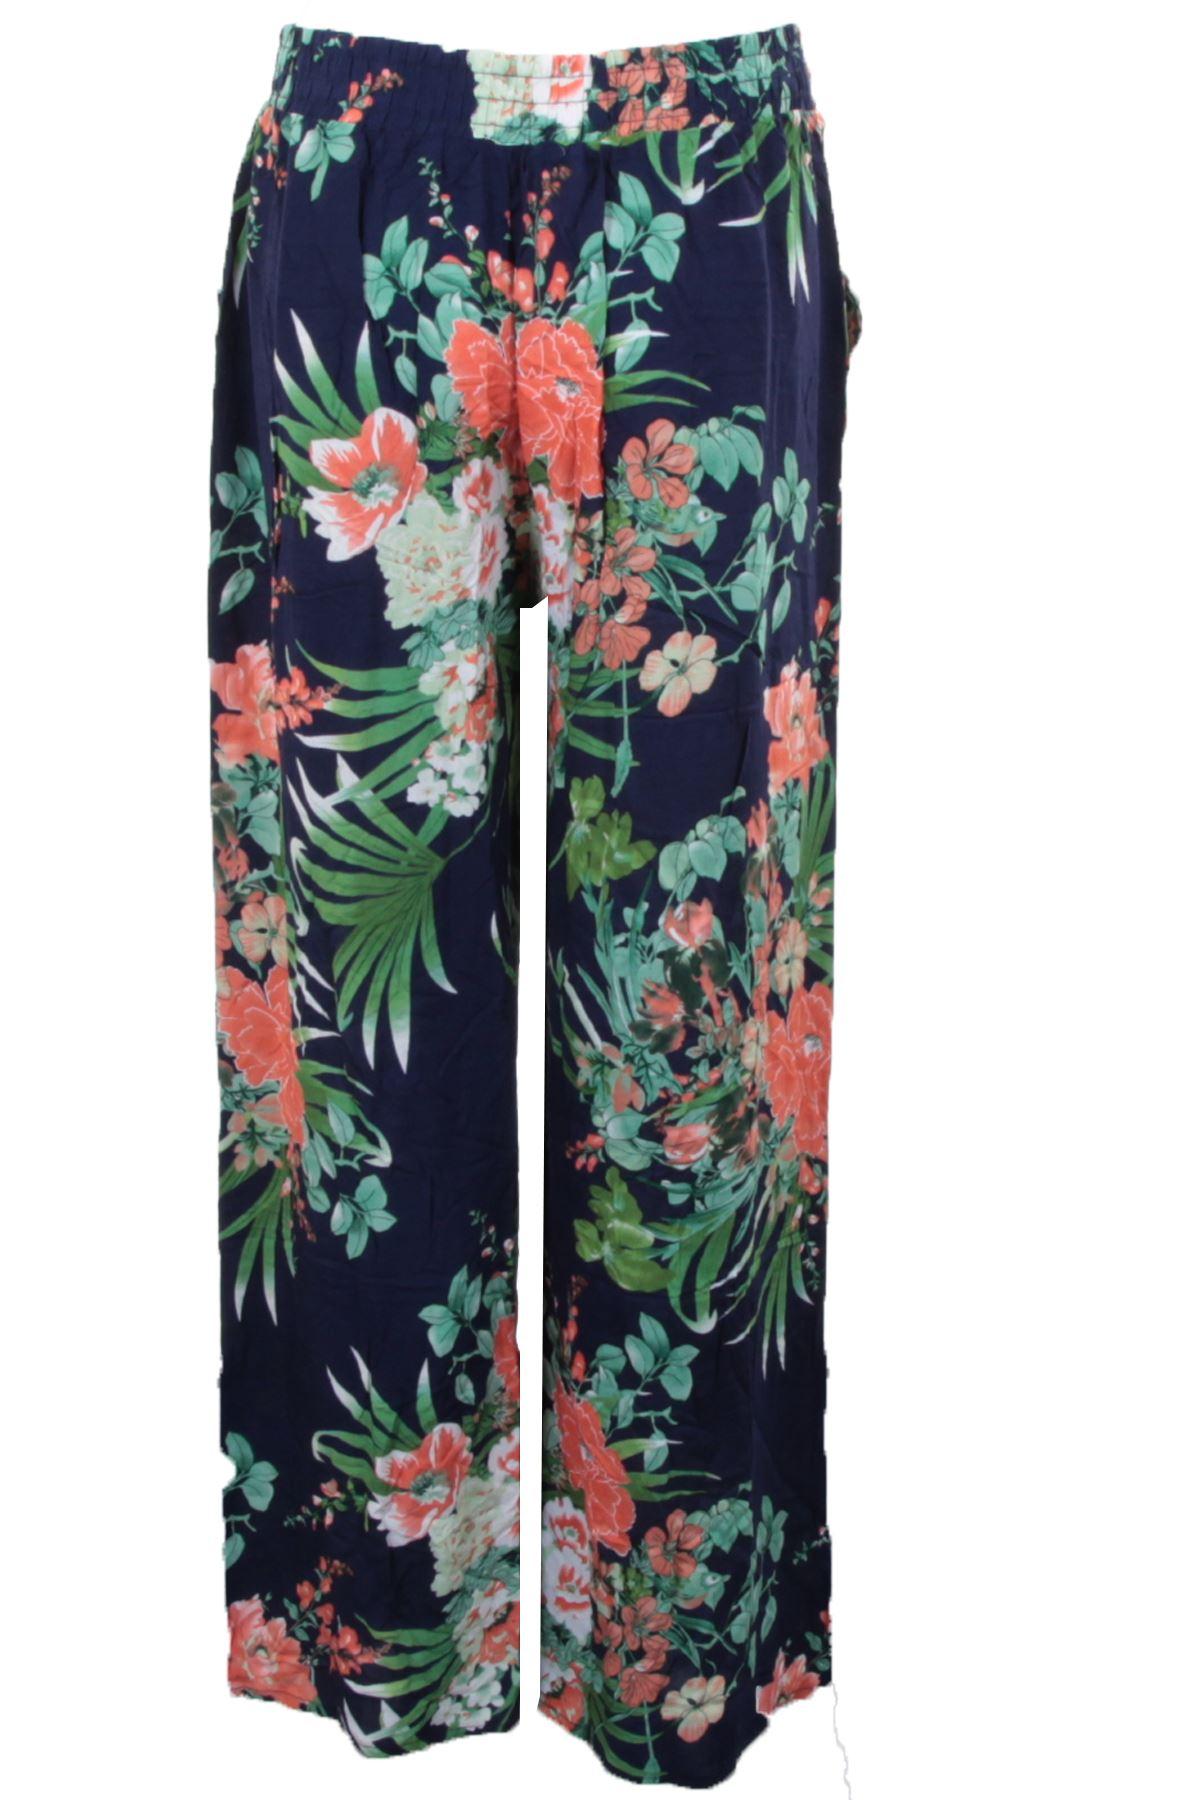 Femmes imprimé floral Palazzo pantalon femme été Jambe Large Pantalon Grande Taille 8-26